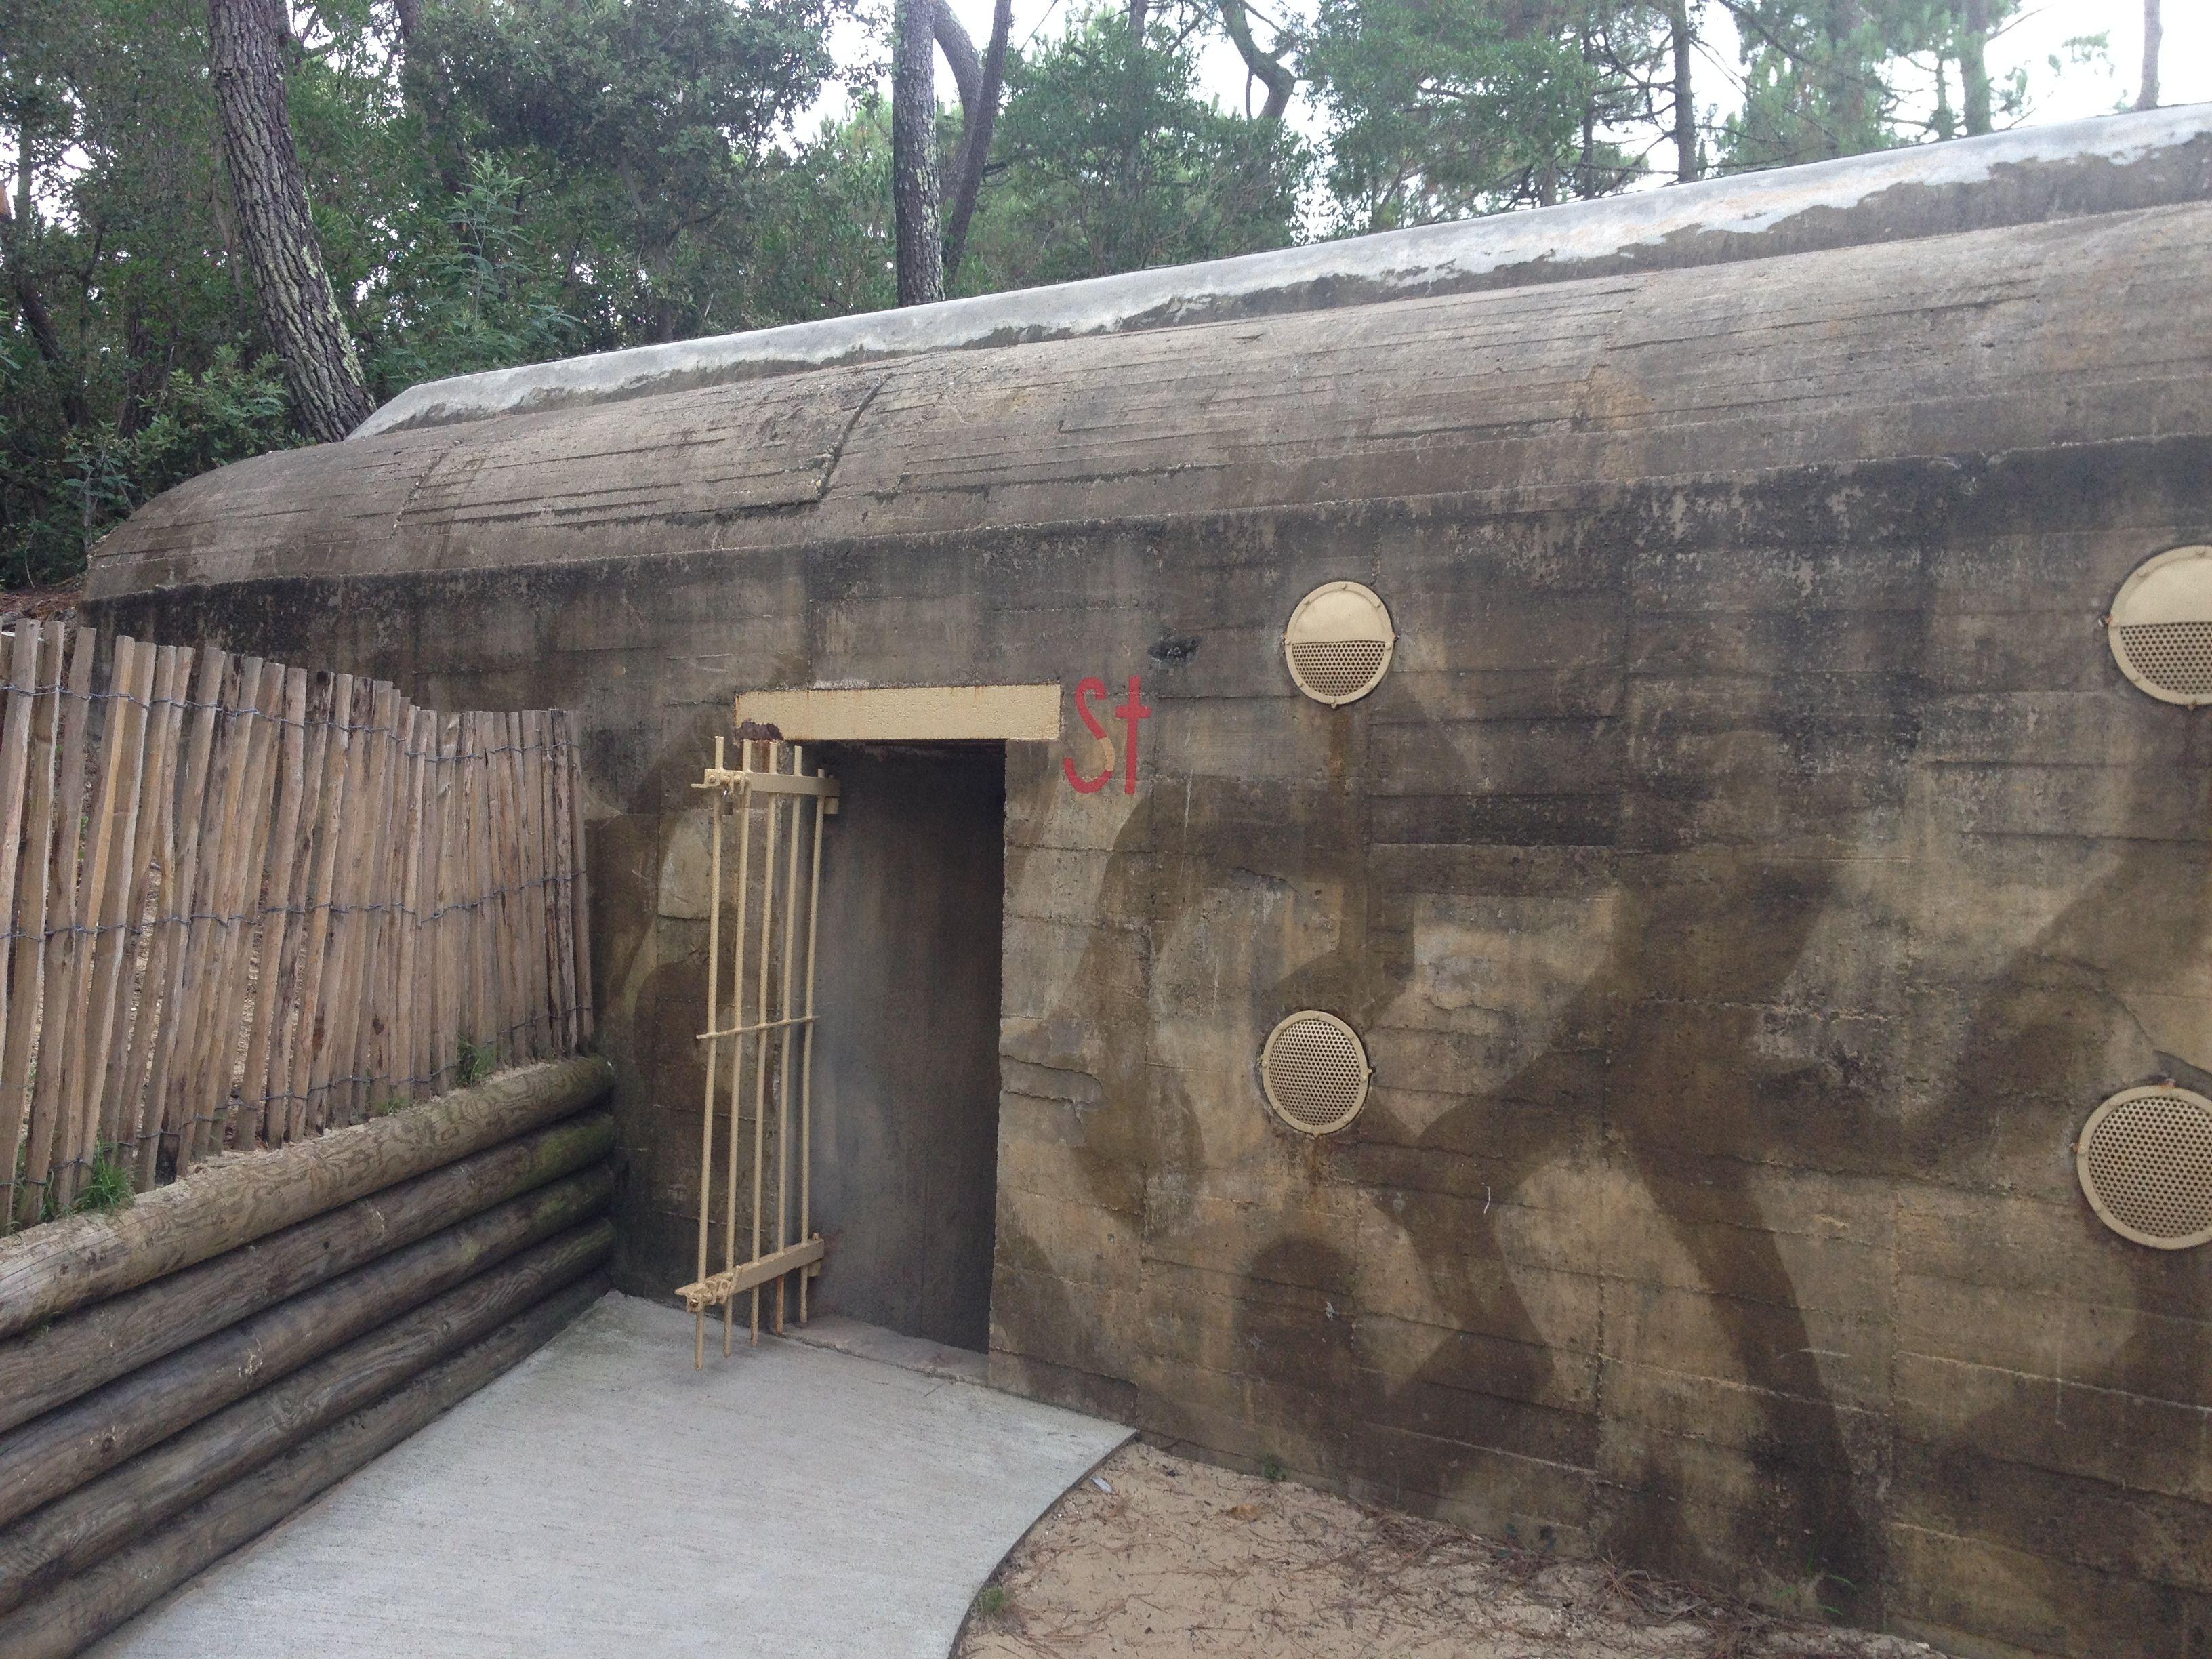 Cap Ferret Naast De Vuurtoren Vind Je Een Bunker Binnen Beelden Van Hoe De Bunker Werd Gevonden Vuurtoren Vuurtorens Bunker